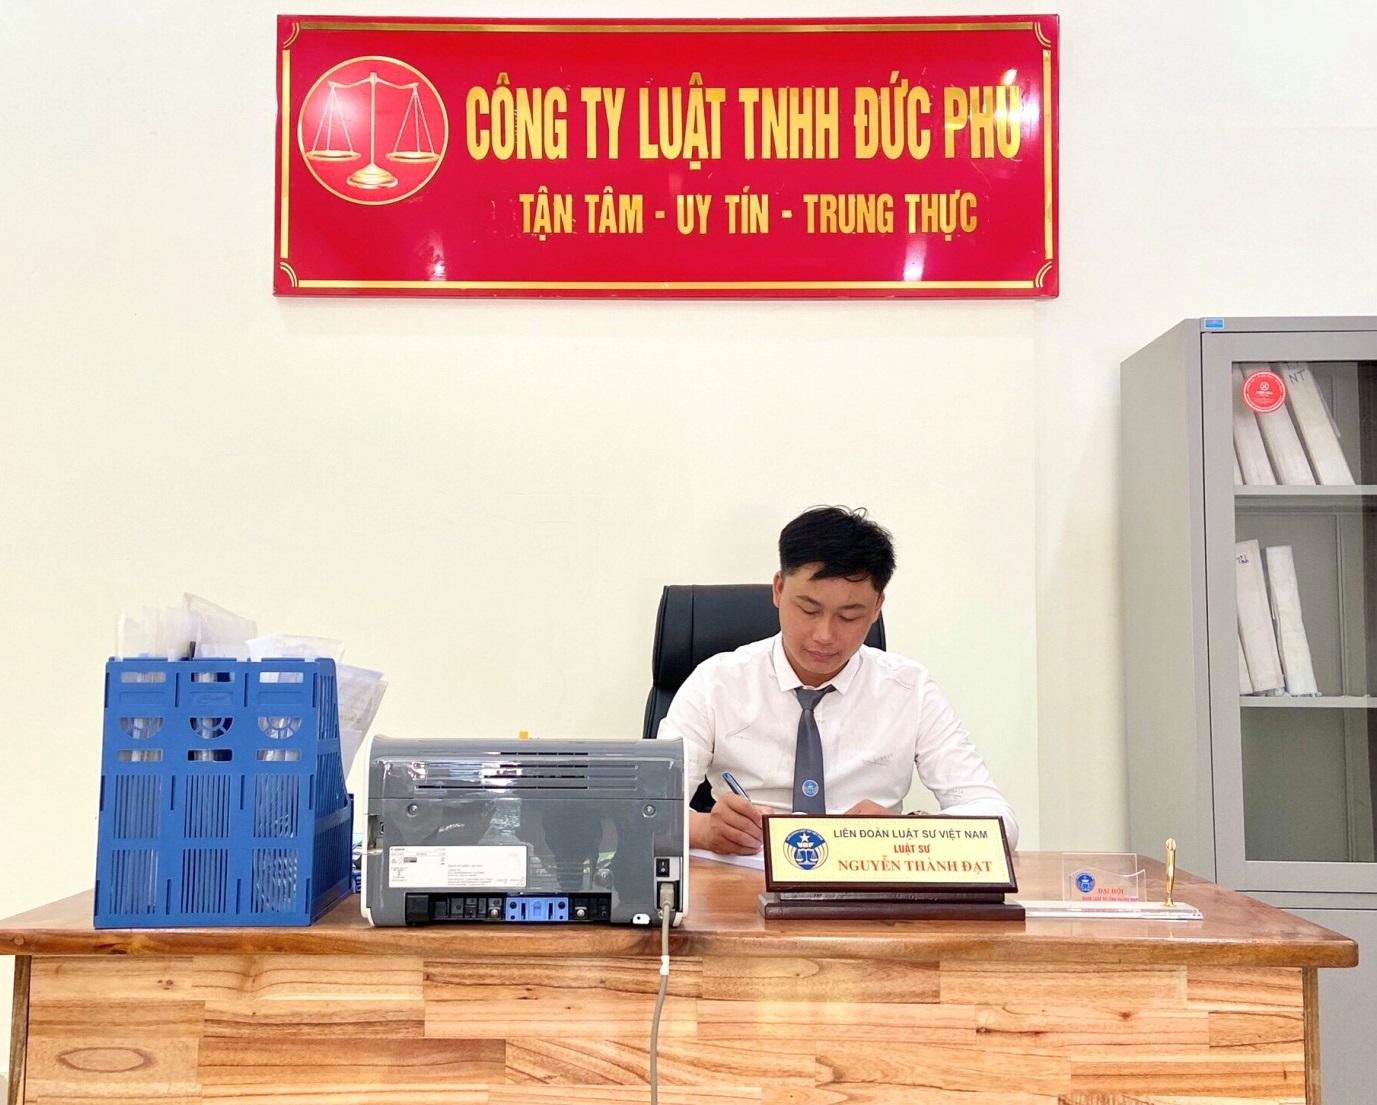 Luật sư Nguyễn Thành Đạt